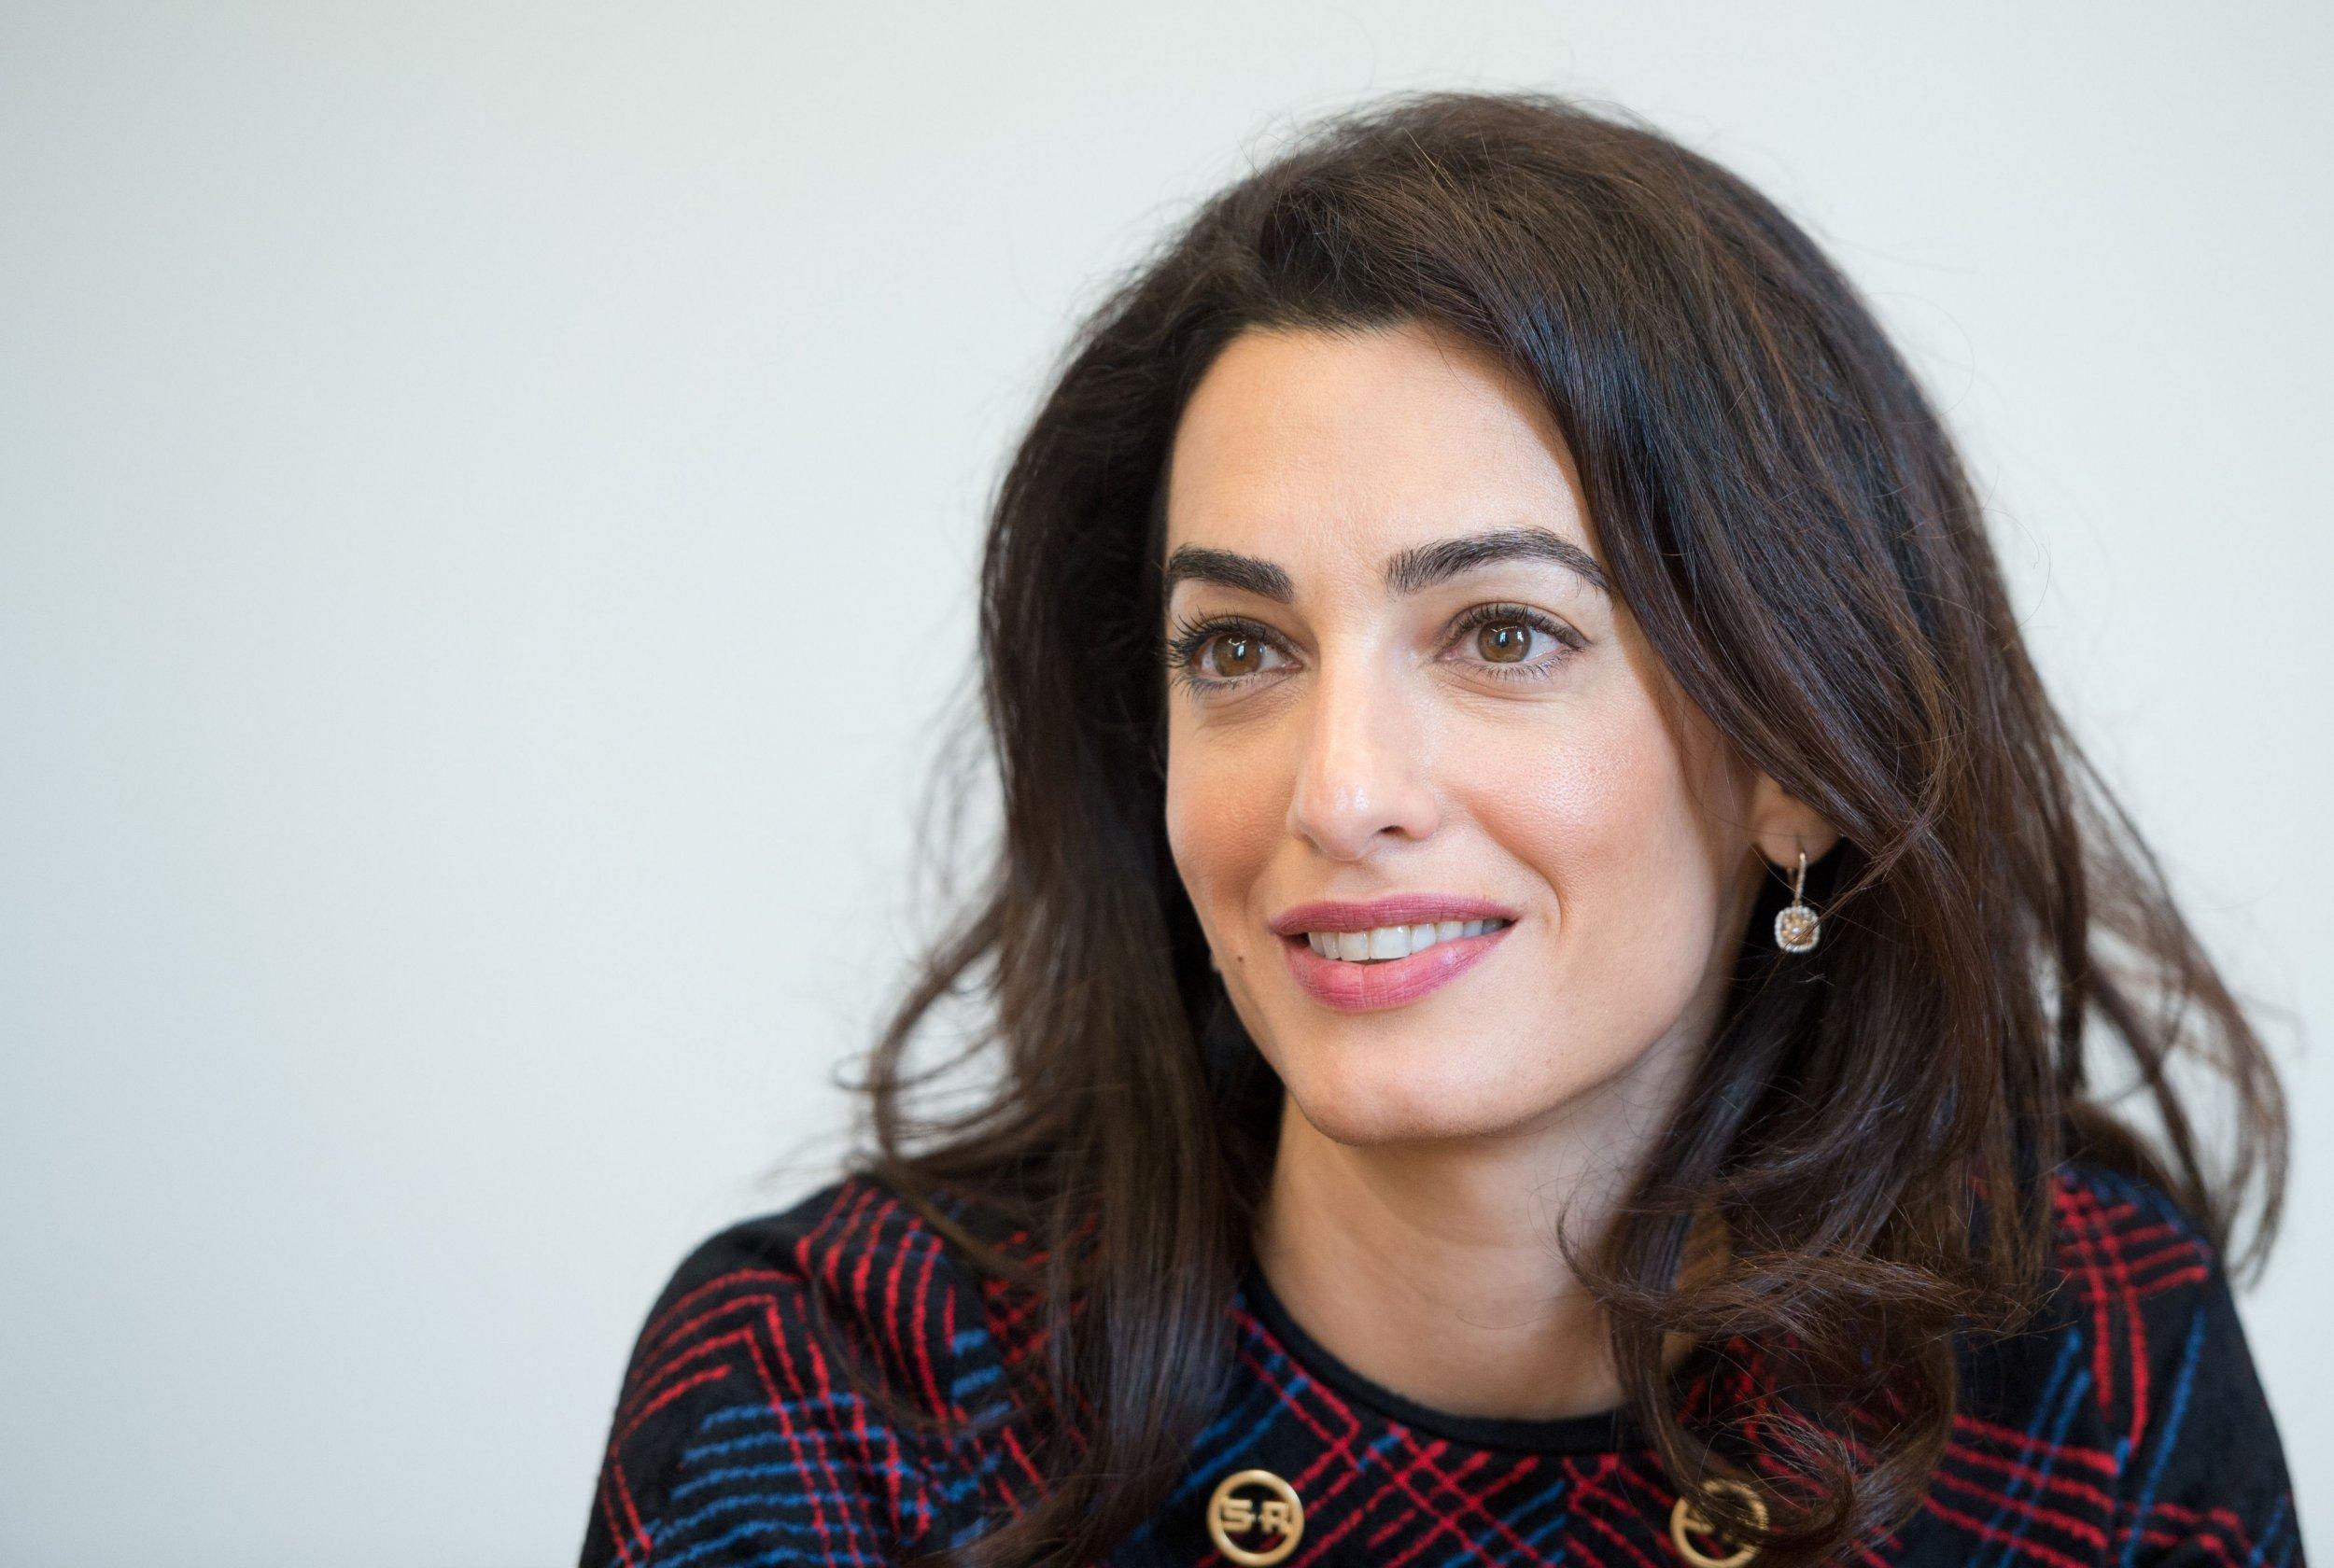 Amal Clooney talks about plight of Yazidis